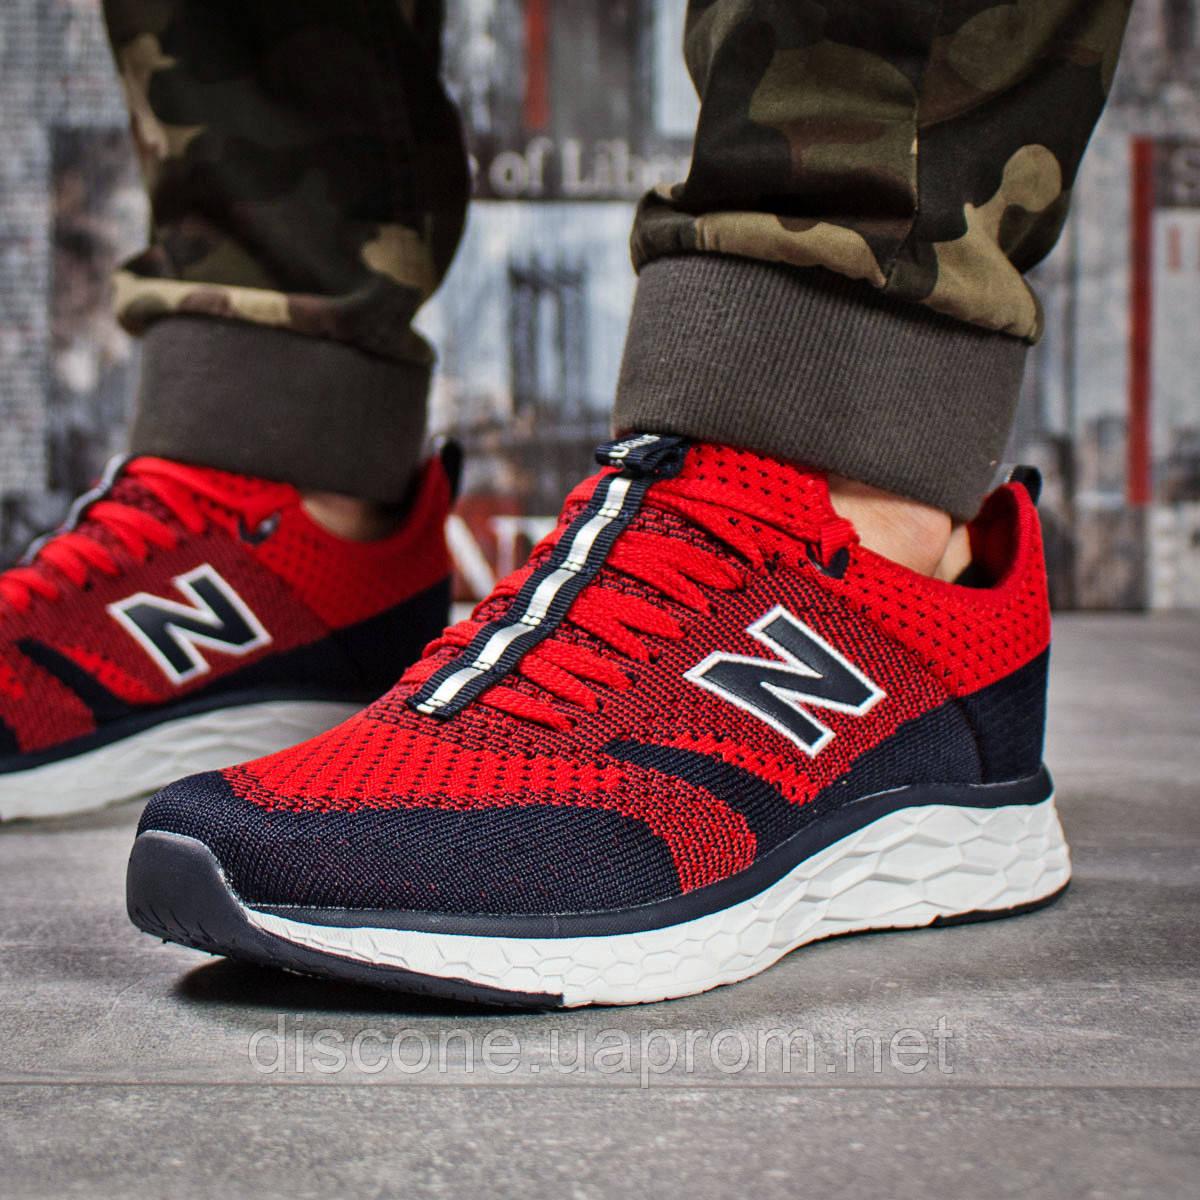 Кроссовки мужские ► New Balance Trailbuster,  красные (Код: 15863) ► [  41 42 43 44  ] ✅Скидка 36%